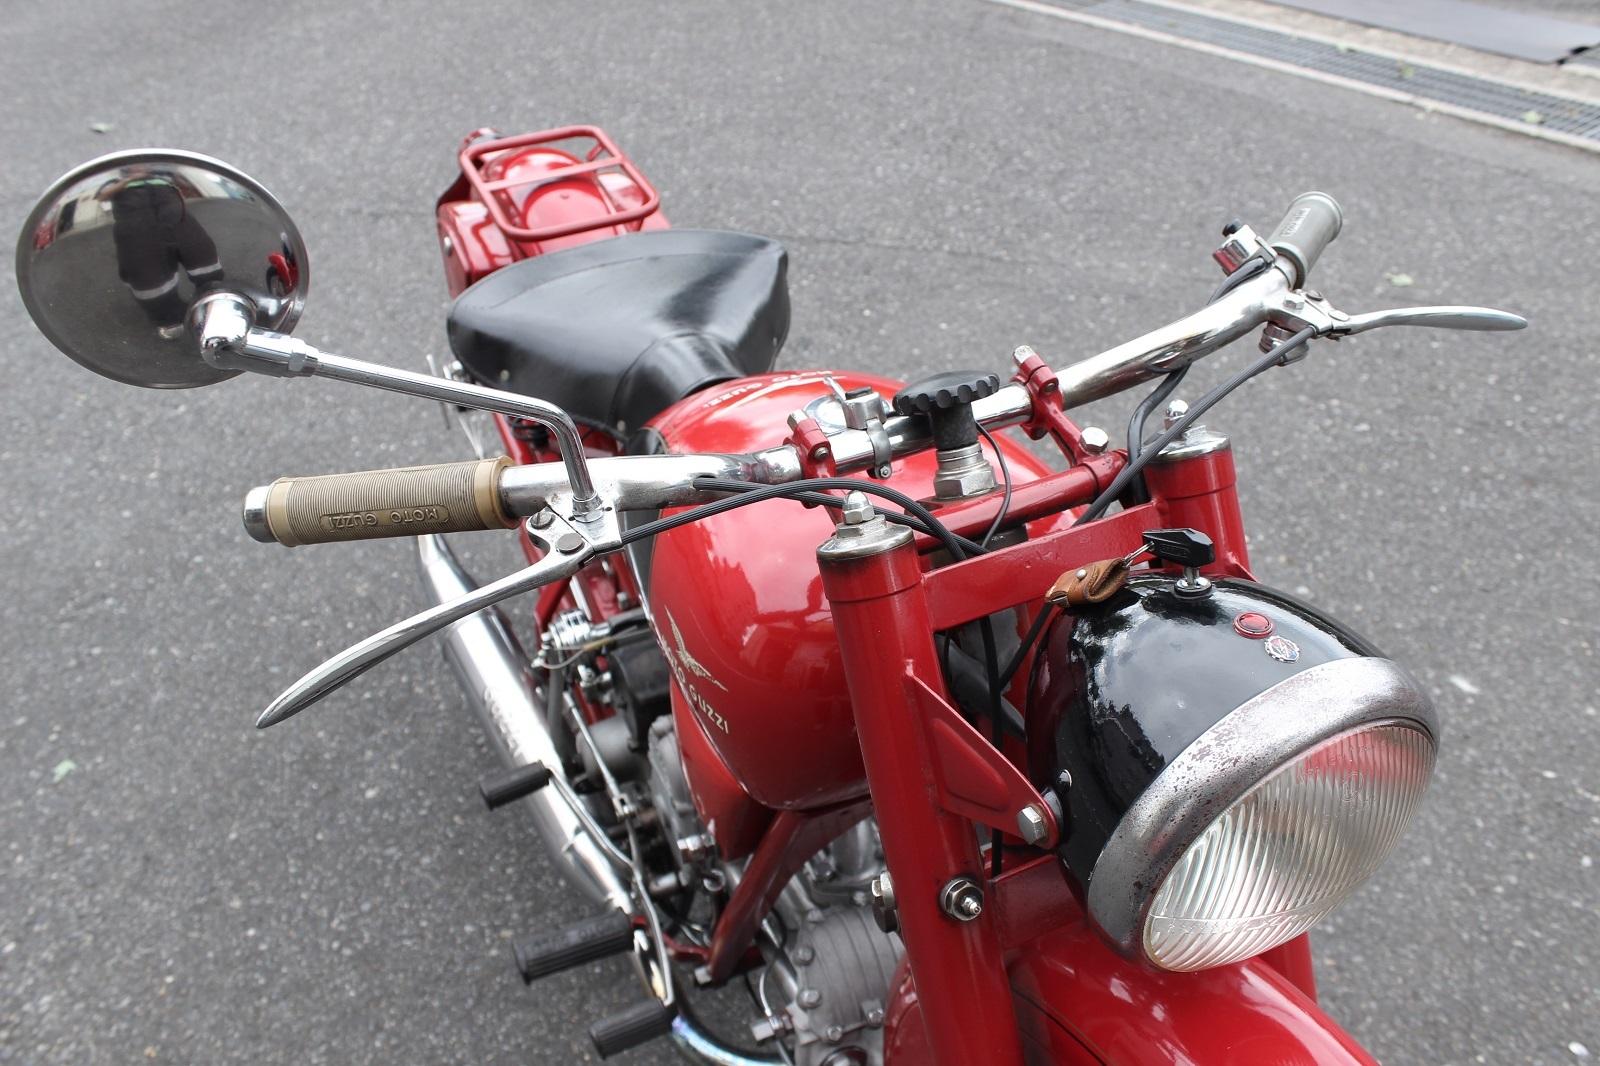 Moto Guzzi Airone Turismo 入荷。_a0208987_12175432.jpg